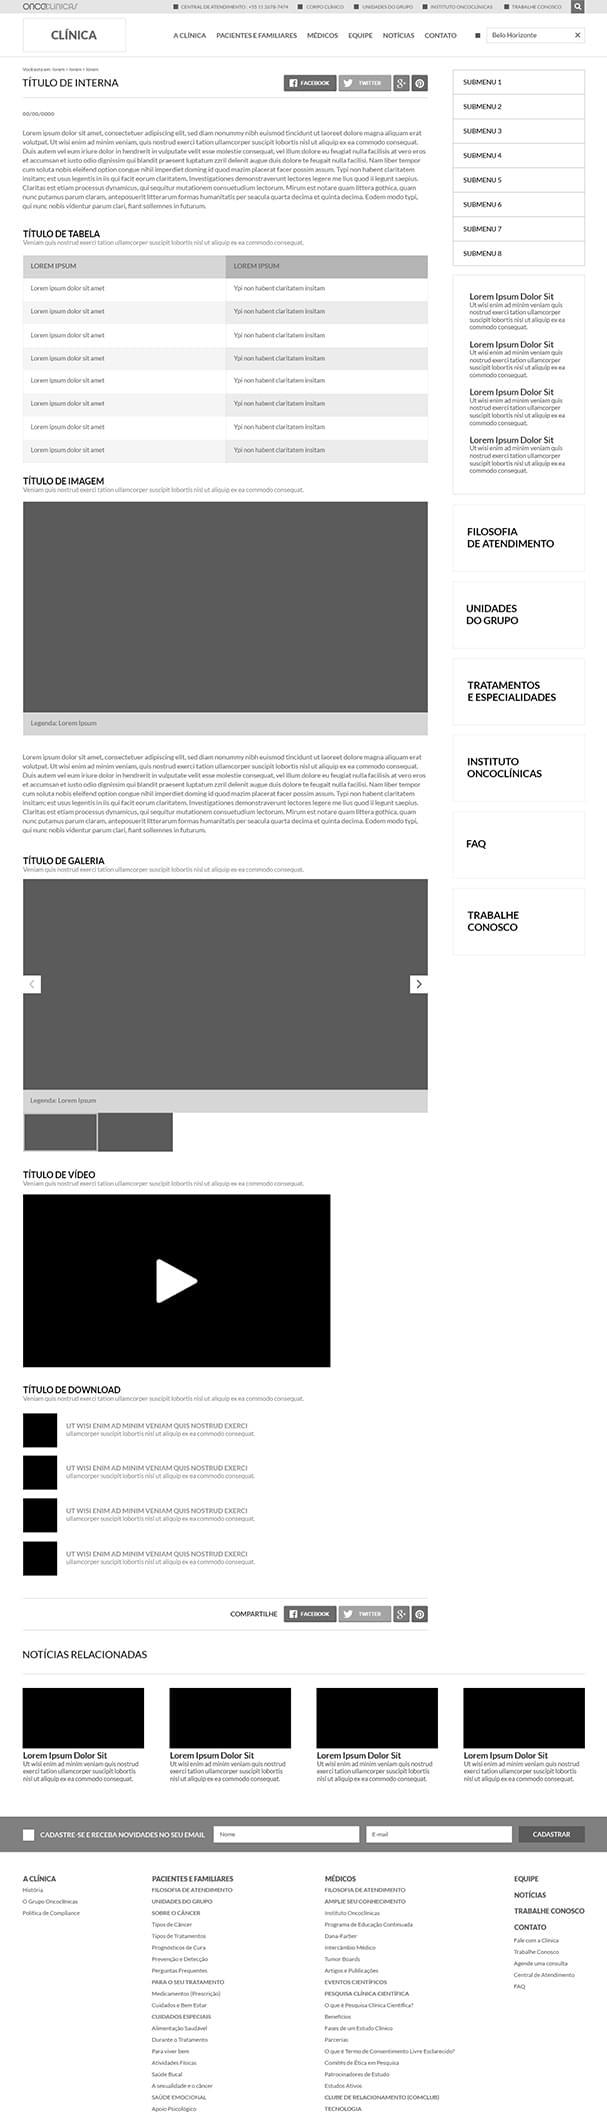 Portal Institucional e Sites das Clínicas